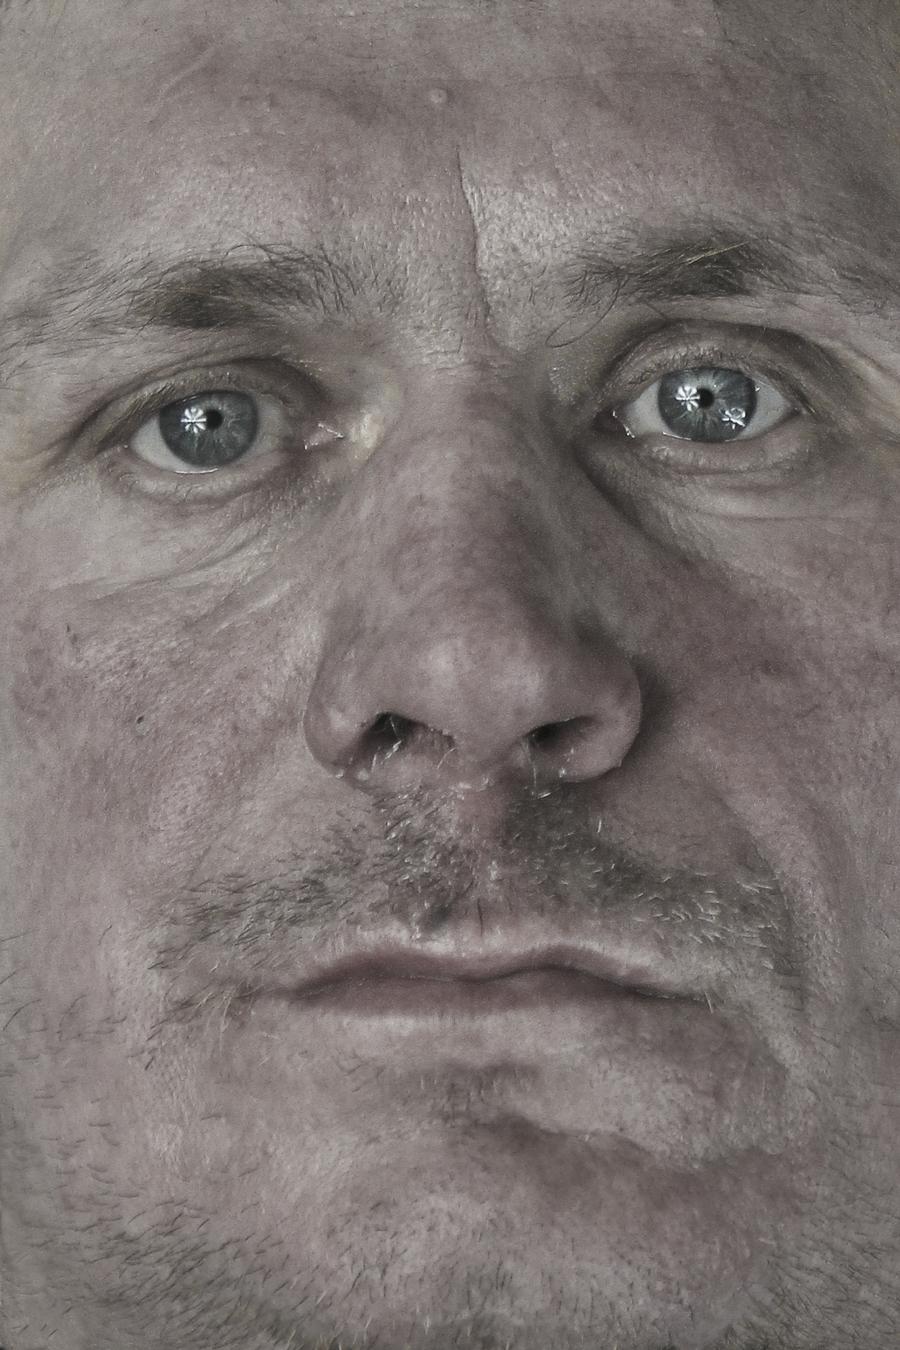 """Łukasz Surowiec, """"Wózki – portret złomiarza"""", 2012 (źródło: materiały prasowe organizatora)"""